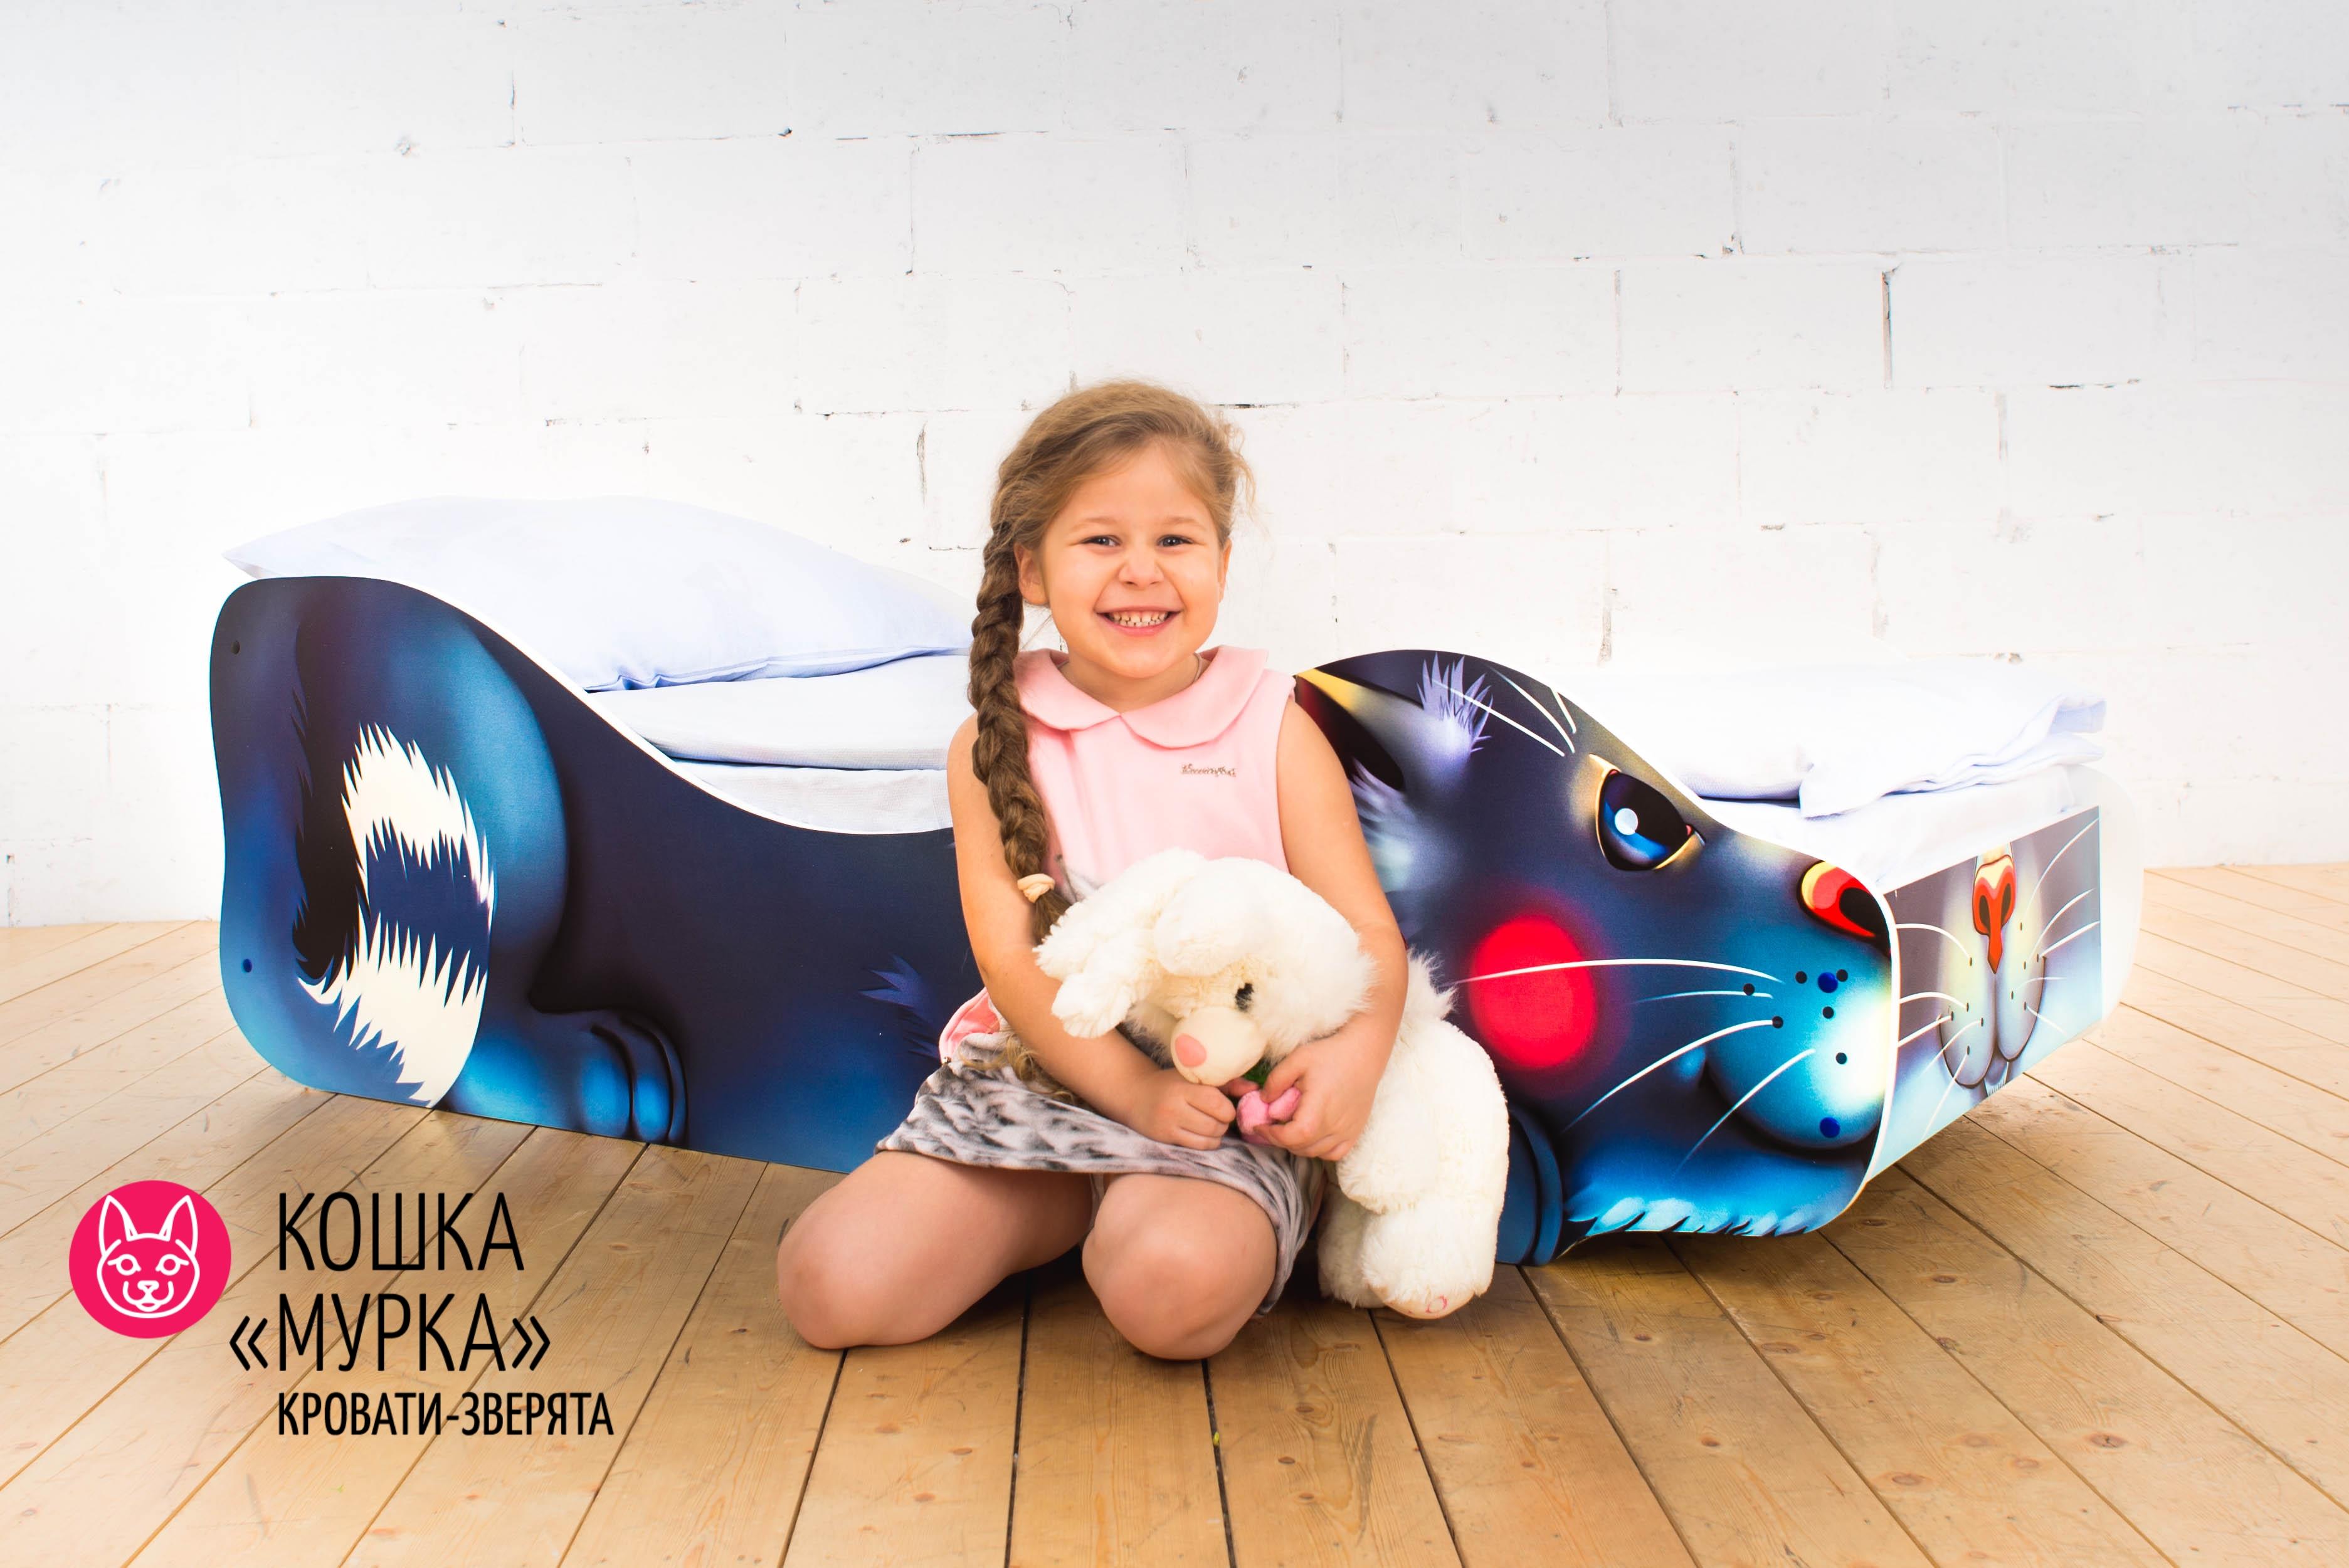 Детская кровать-зверенок -Кошка-Мурка-1